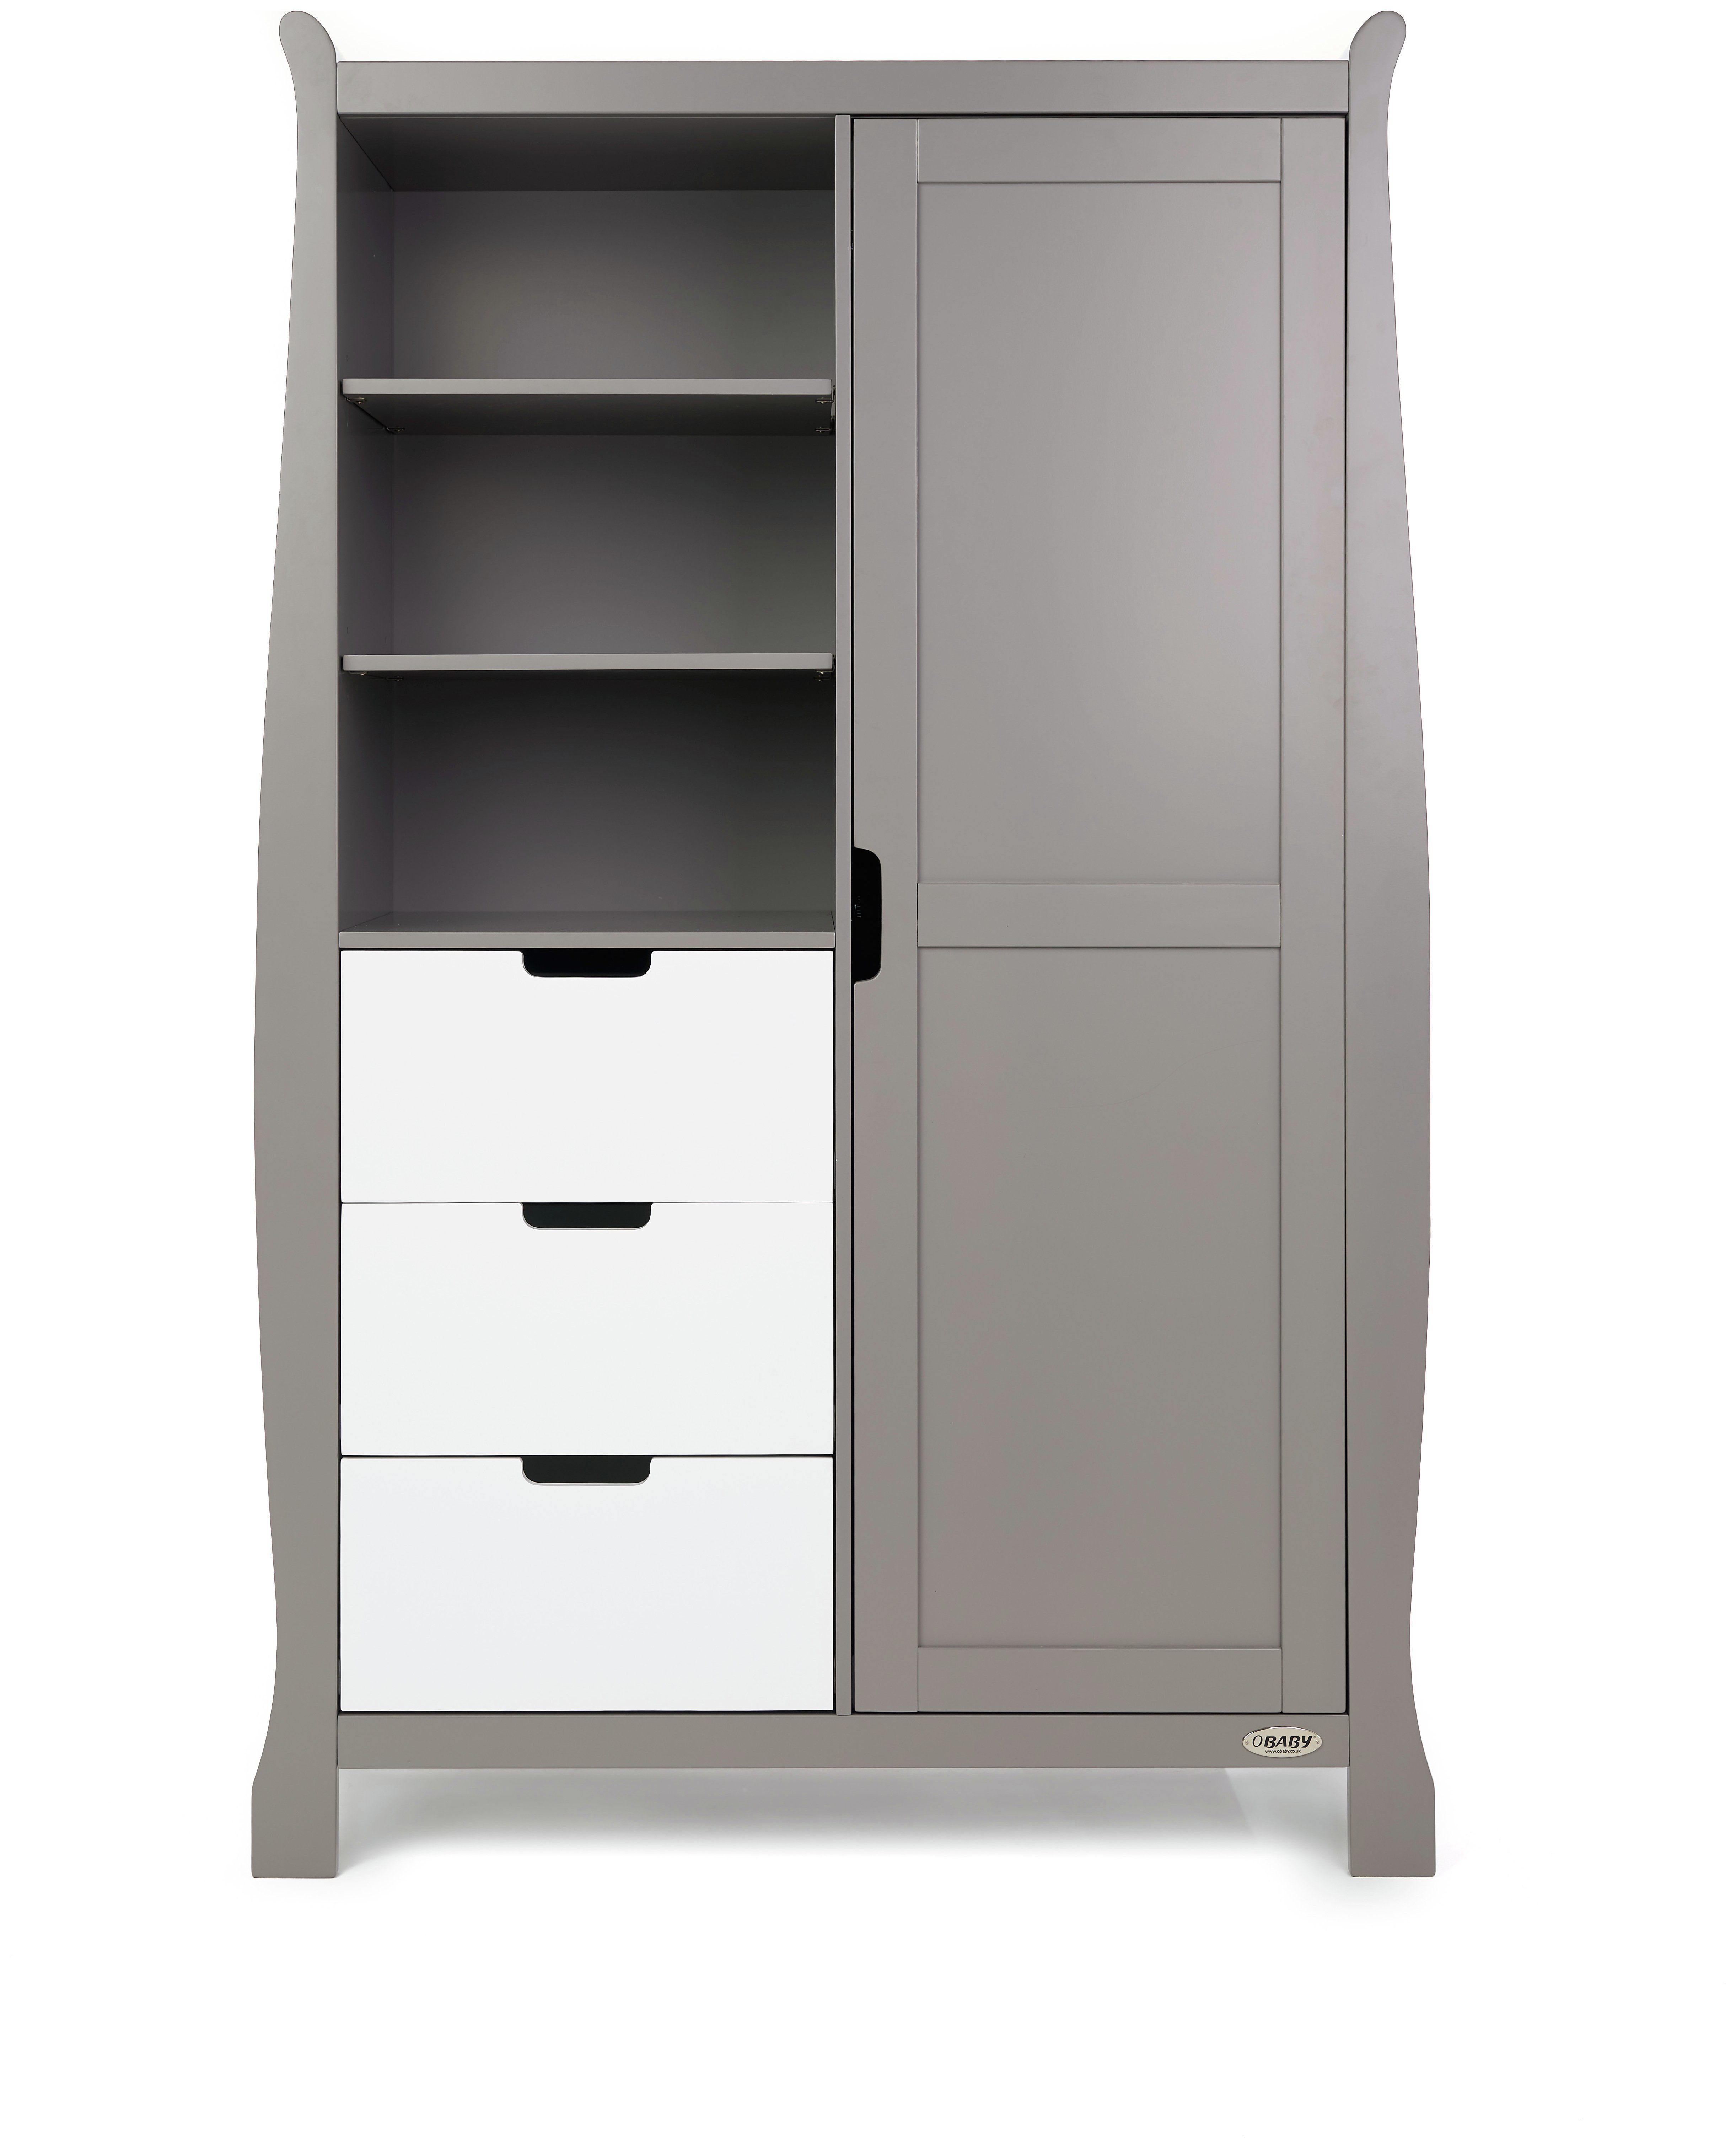 Obaby Stamford Sleigh Double Wardrobe - Taupe Grey & White